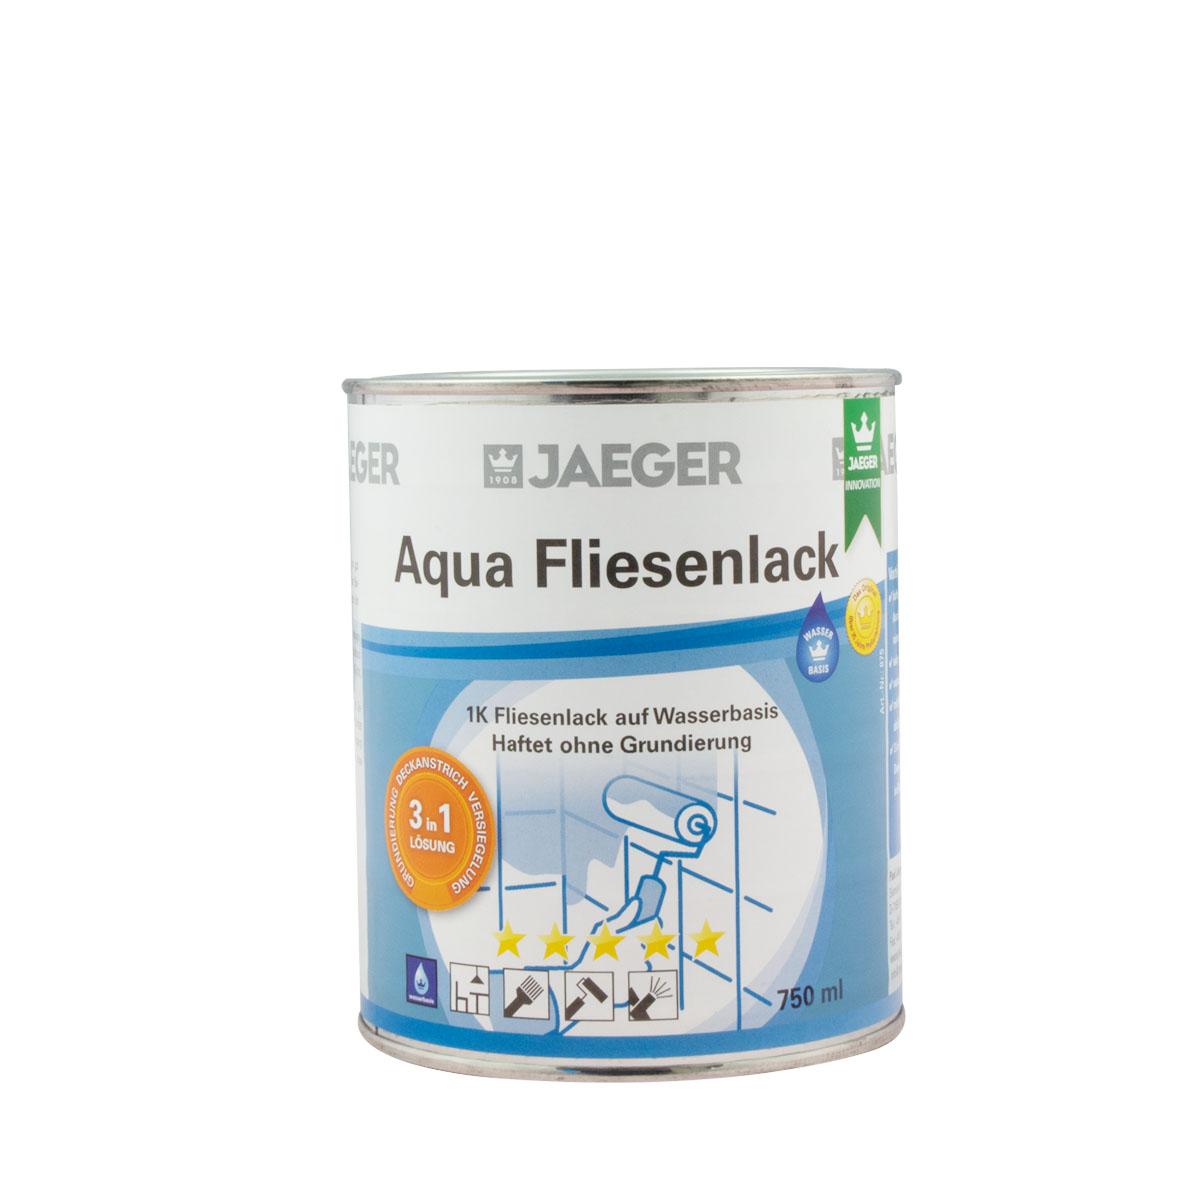 Jaeger Aqua Fliesenlack 875 neve (weiss) 750ml, 3 in 1 System